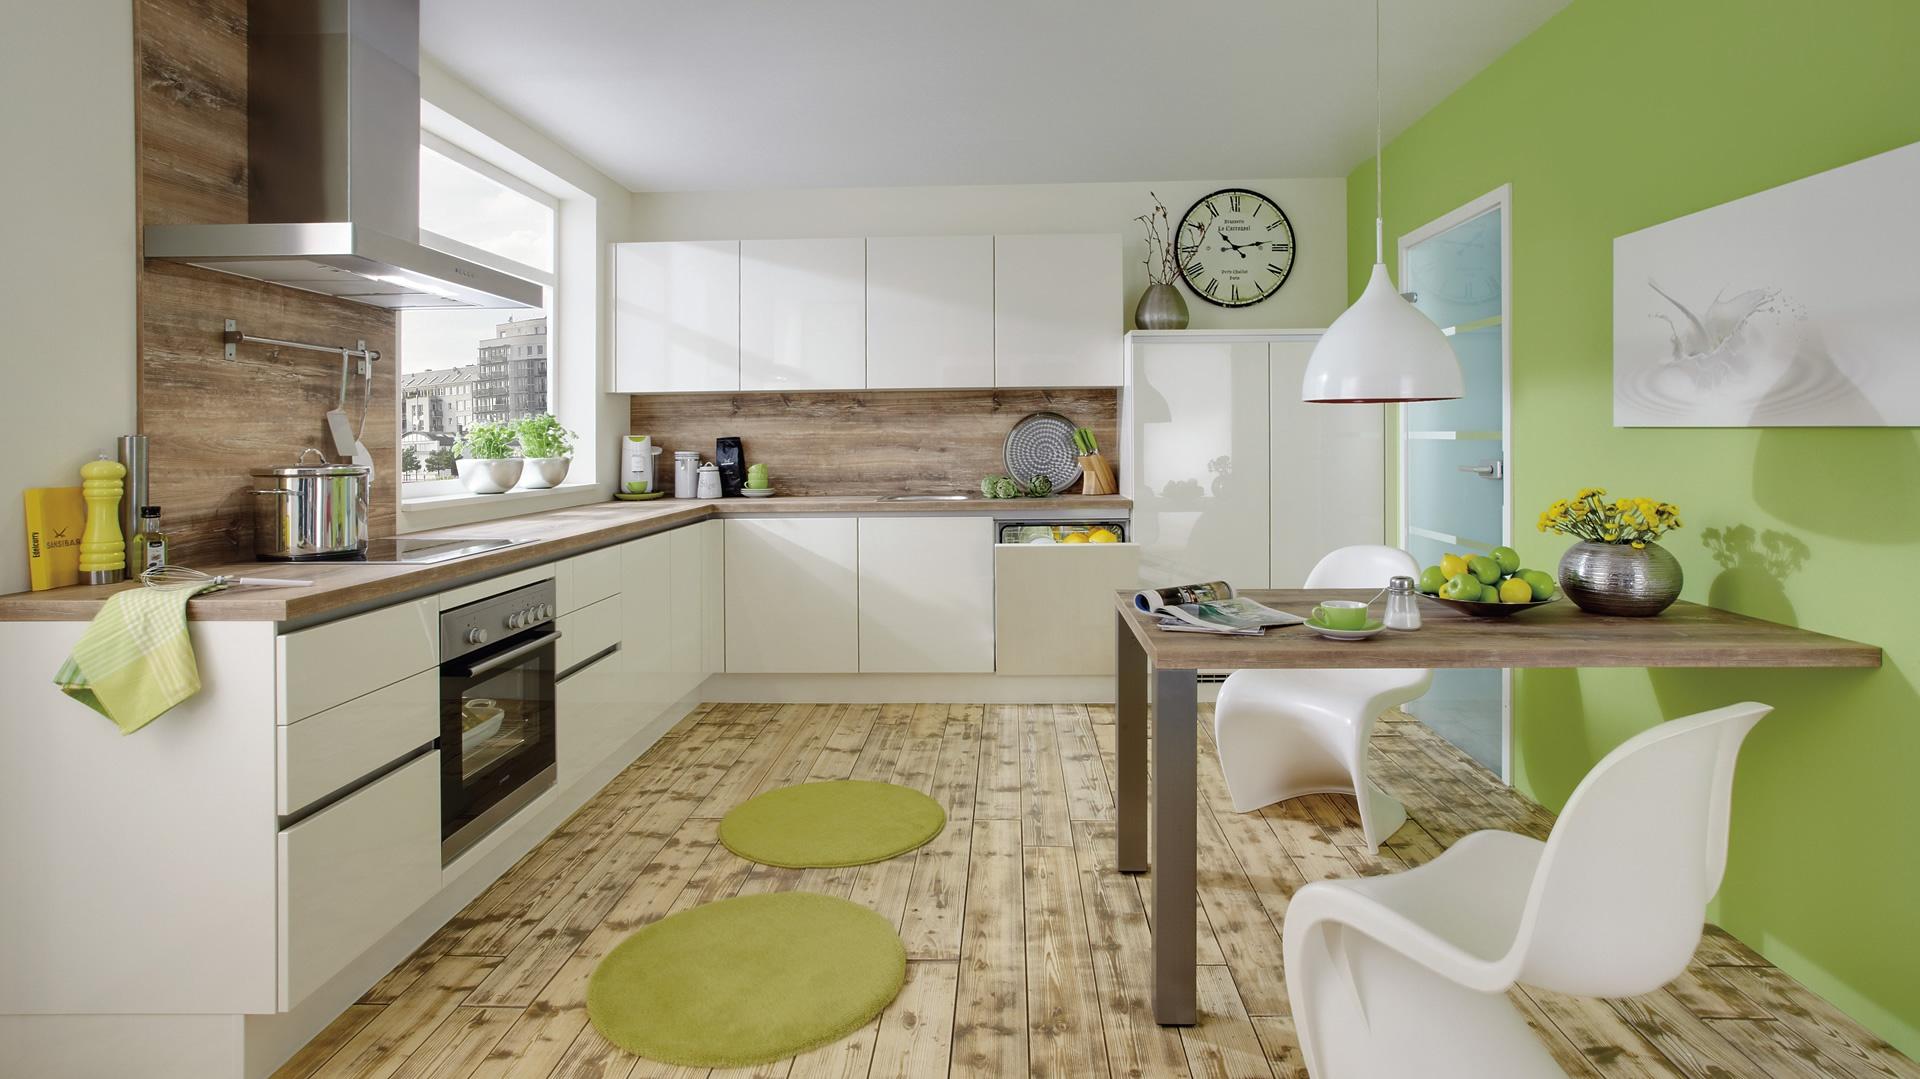 W niewielkiej kuchni stół może stykać się ze ścianą jednym bokiem, dzięki czemu zaoszczędzimy cenną przestrzeń. Może on być nawet przymocowany do ściany. Takie rozwiązanie sprawdzi się w kawalerkach i małych mieszkaniach, w których nie ma wielu domowników. Fot. Nobilia.